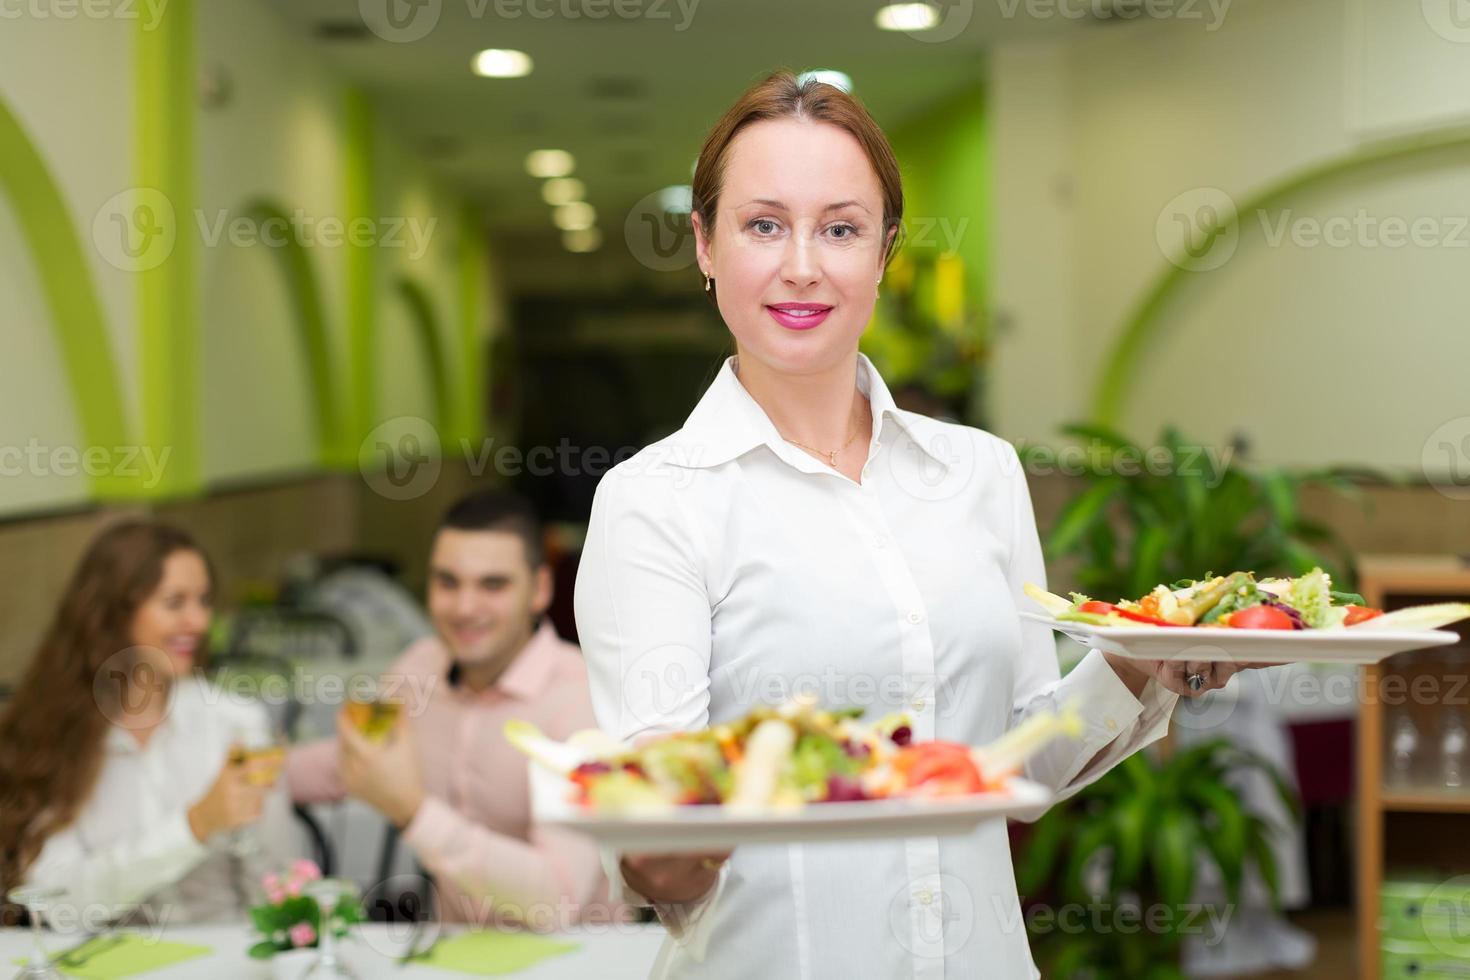 Kellnerin serviert den Besuchern Essen foto